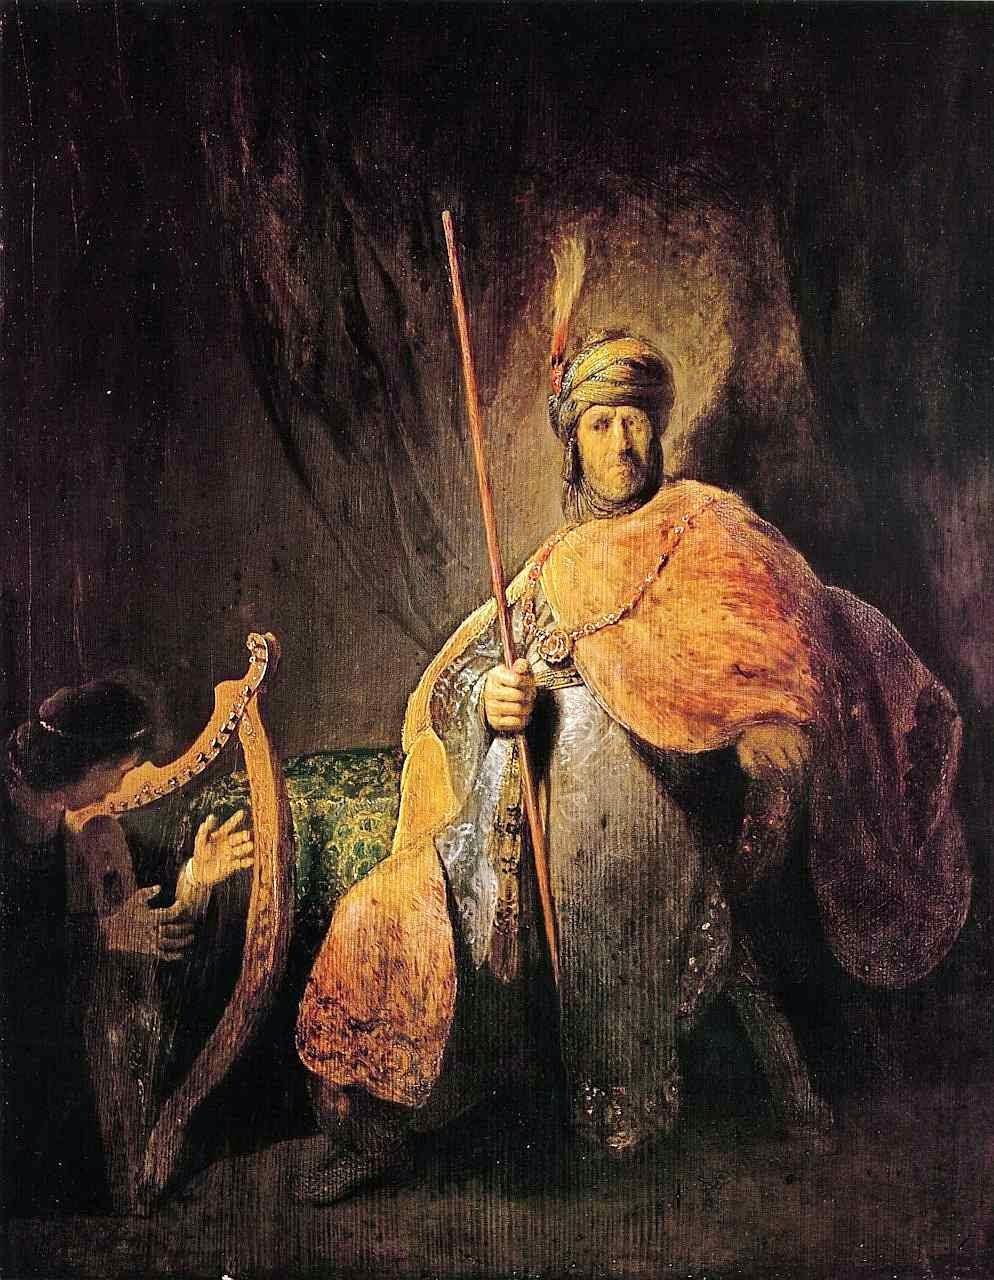 Davi aplaca Saul, Rembrandt Harmenszoon van Rijn (1606 — 1669). Städelsches Kunstinstitut und Städtische Galerie, Frankfurt am Main.